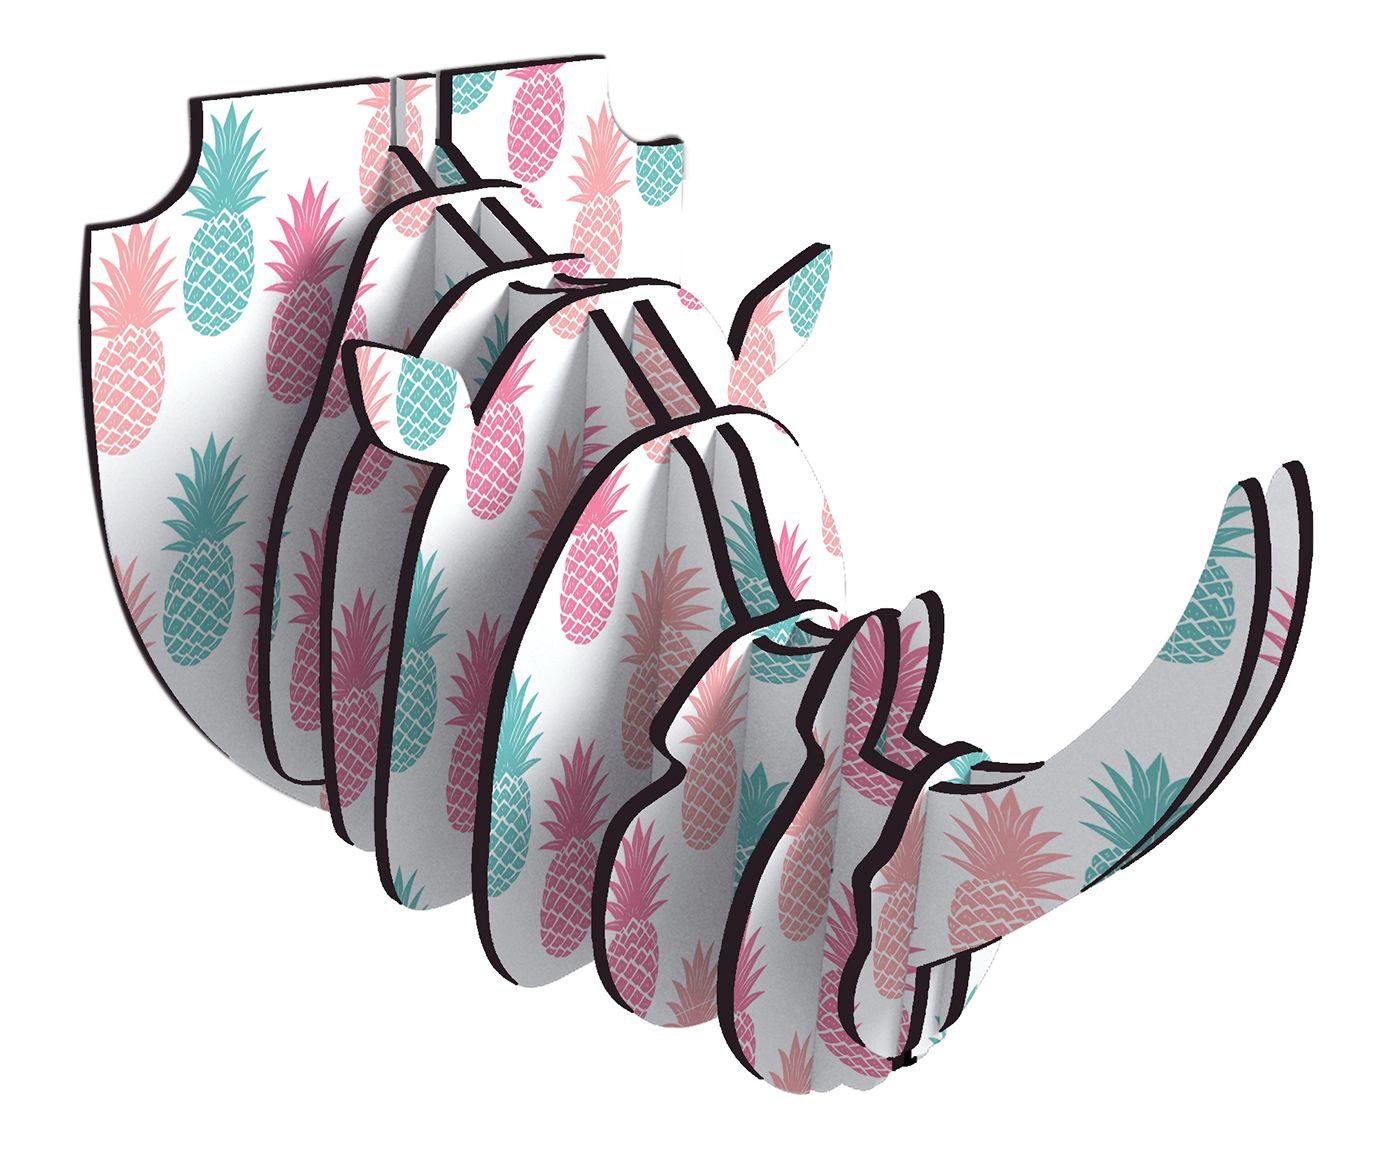 Adorno de Parede Rhino Iara   Westwing.com.br